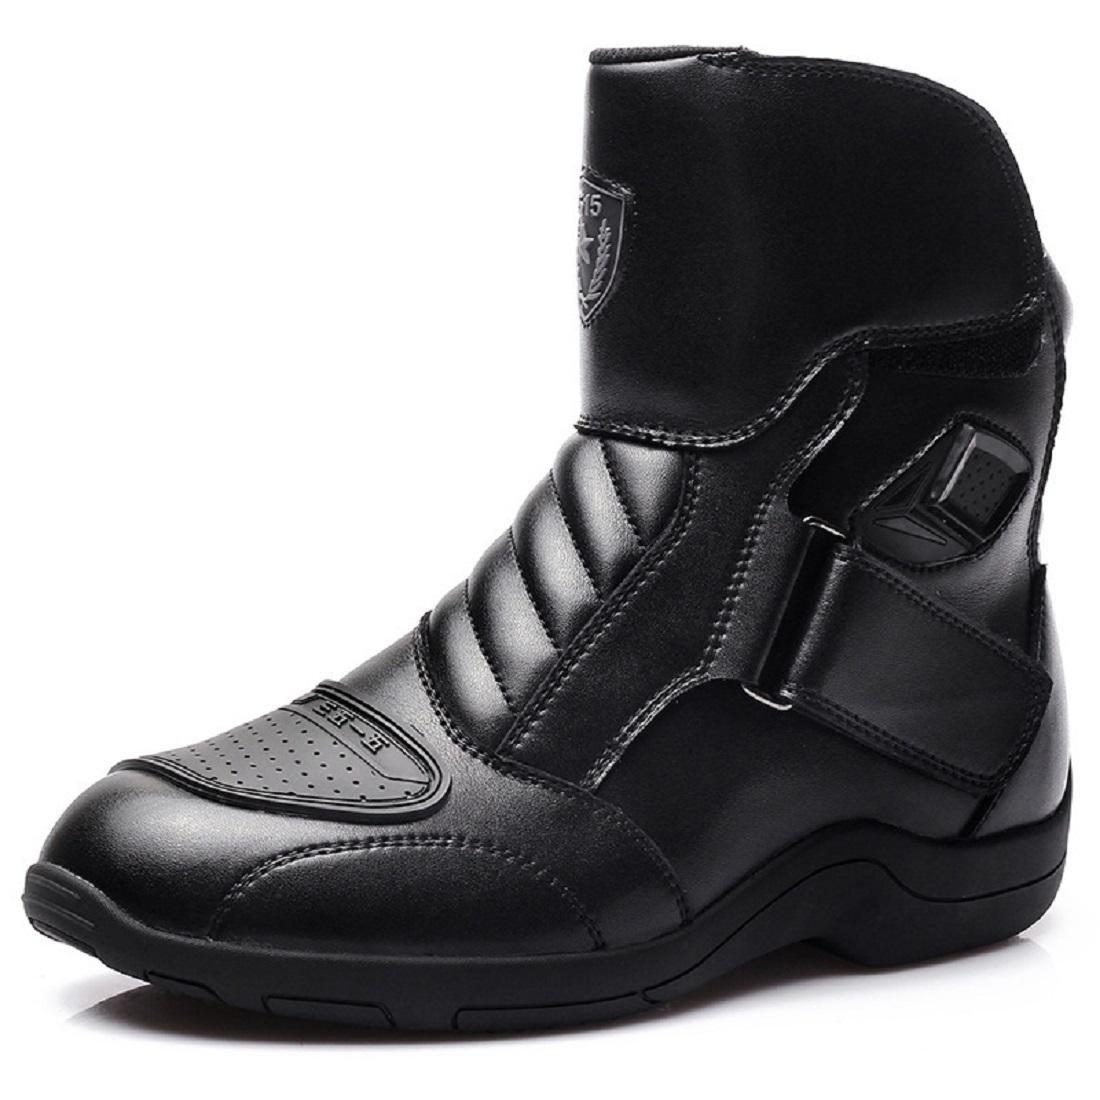 Herren Herbst Winter Warm halten Martin Stiefel Flache Schuhe Schutz Fuß Draussen Gemütlich Dicker Boden Schuhe erhöhen EUR GRÖSSE 38-44